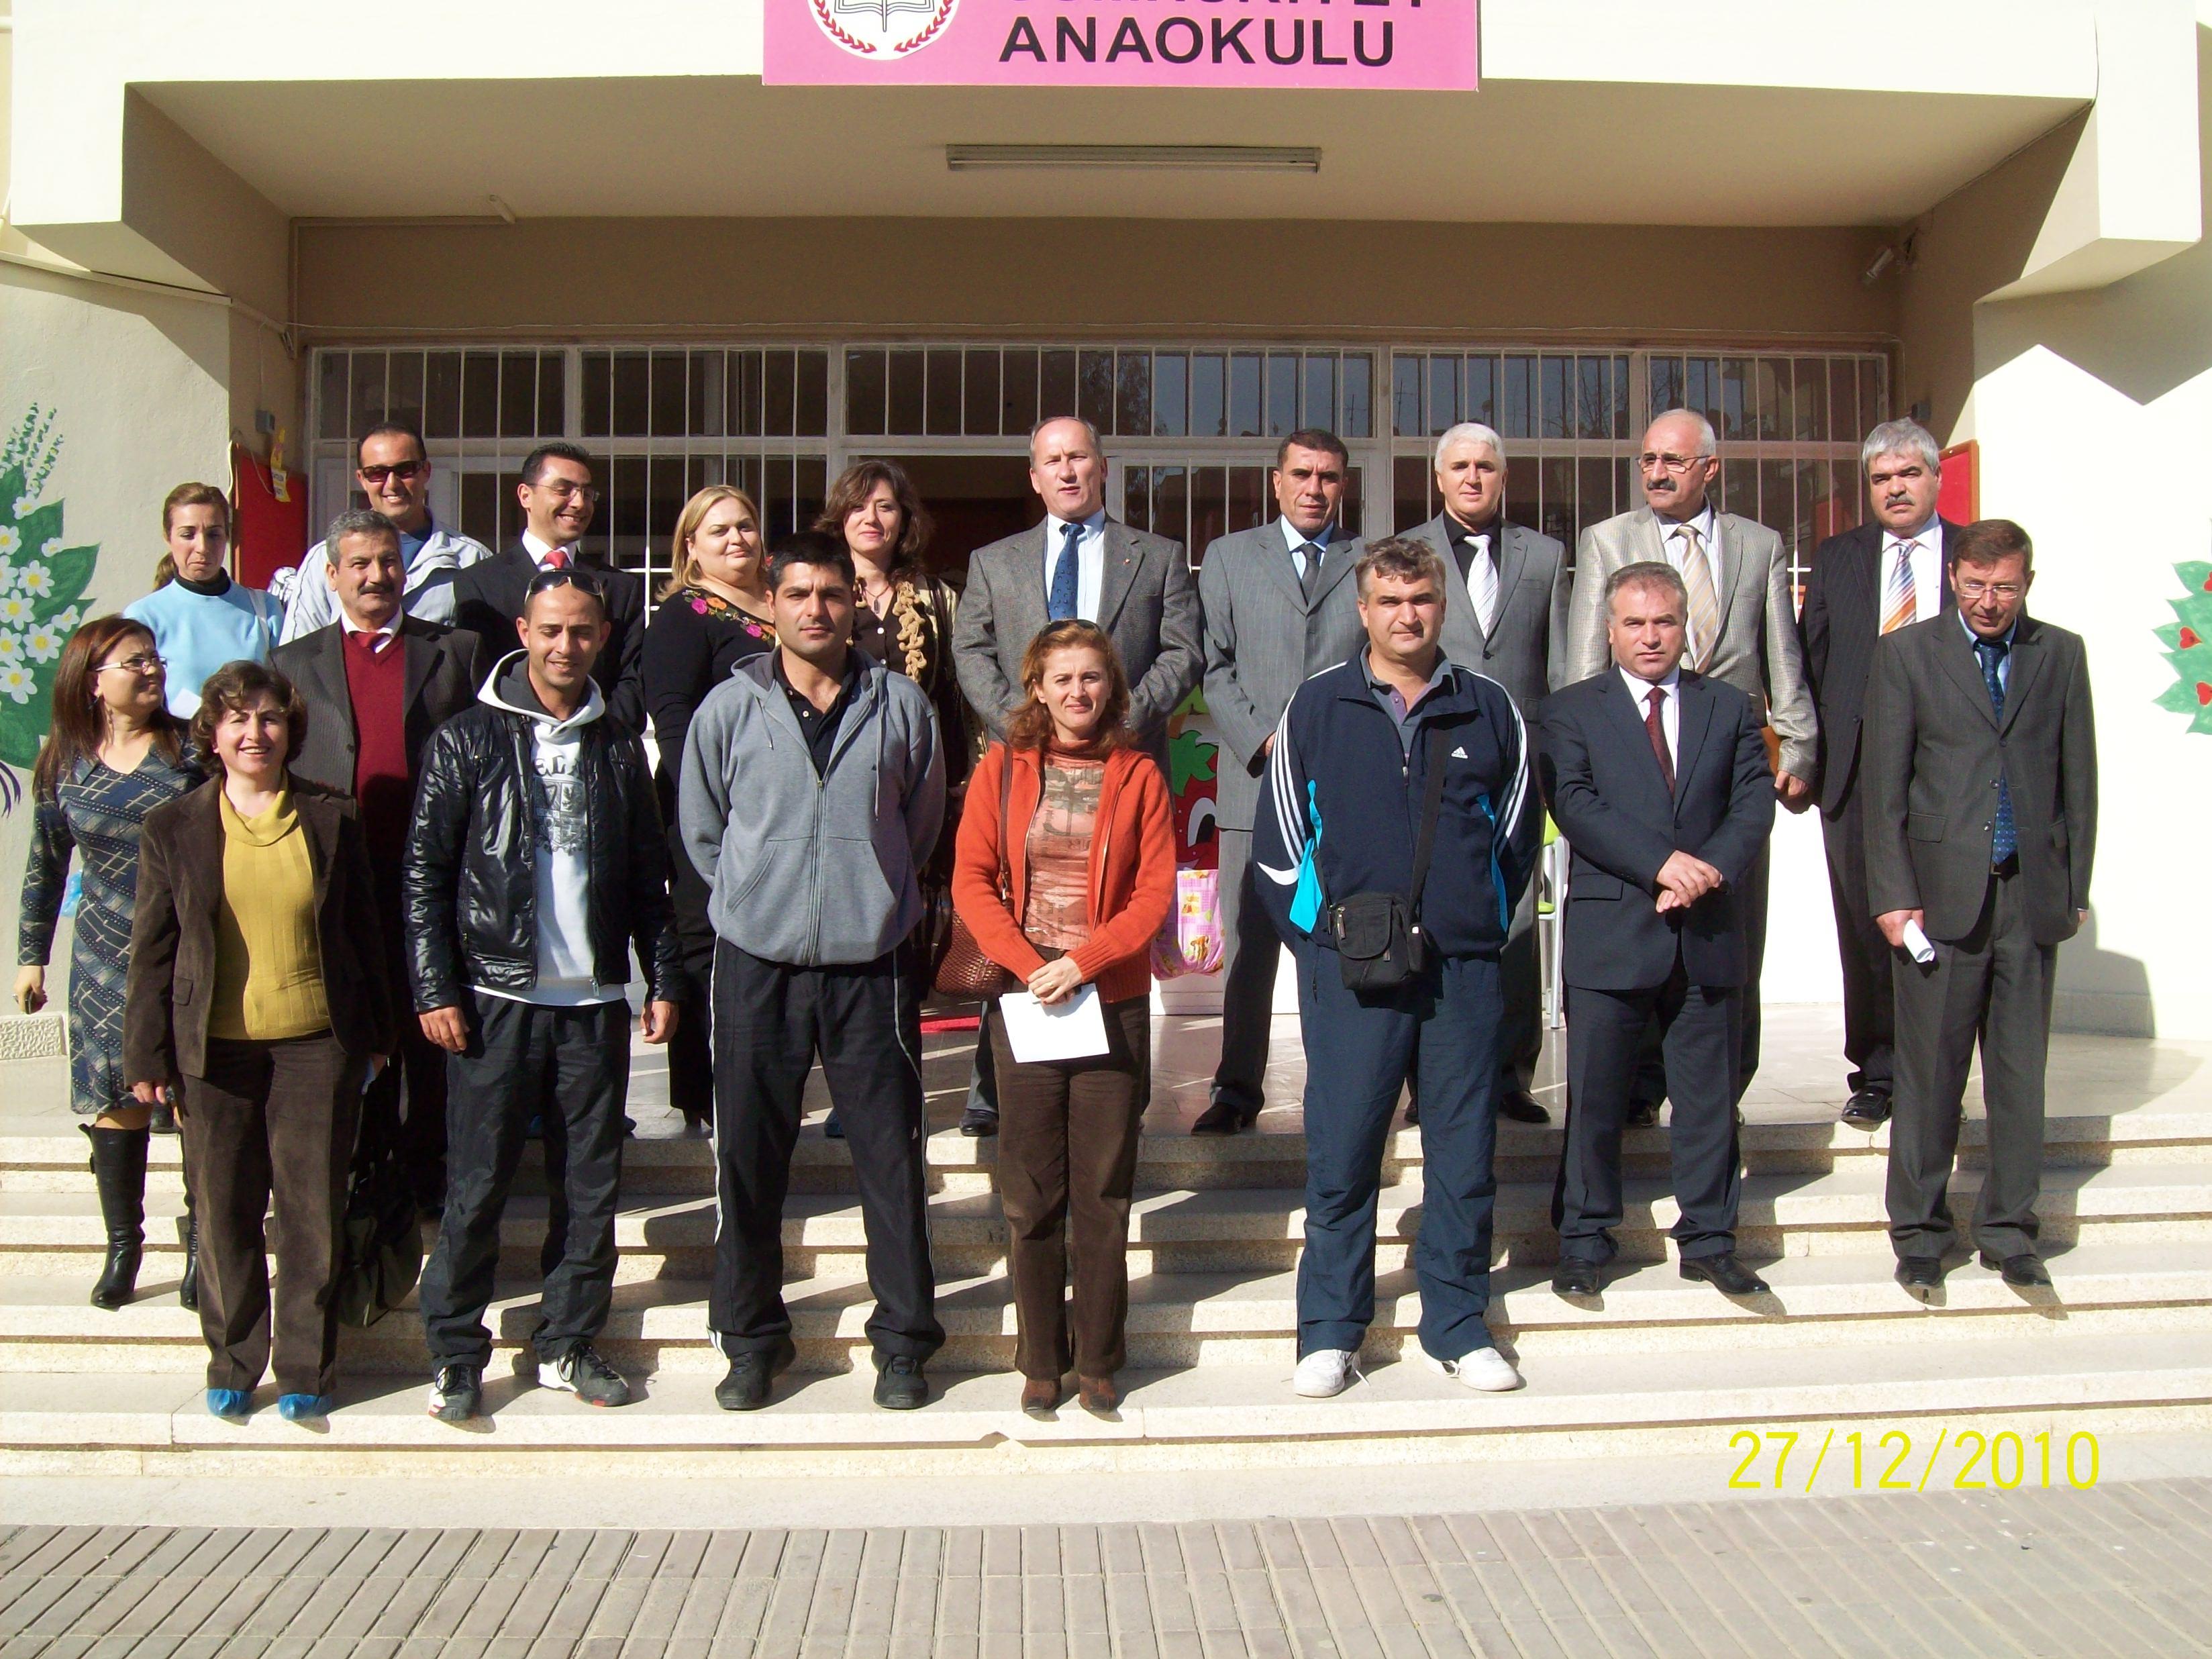 Cumhuriyet Anaokulu